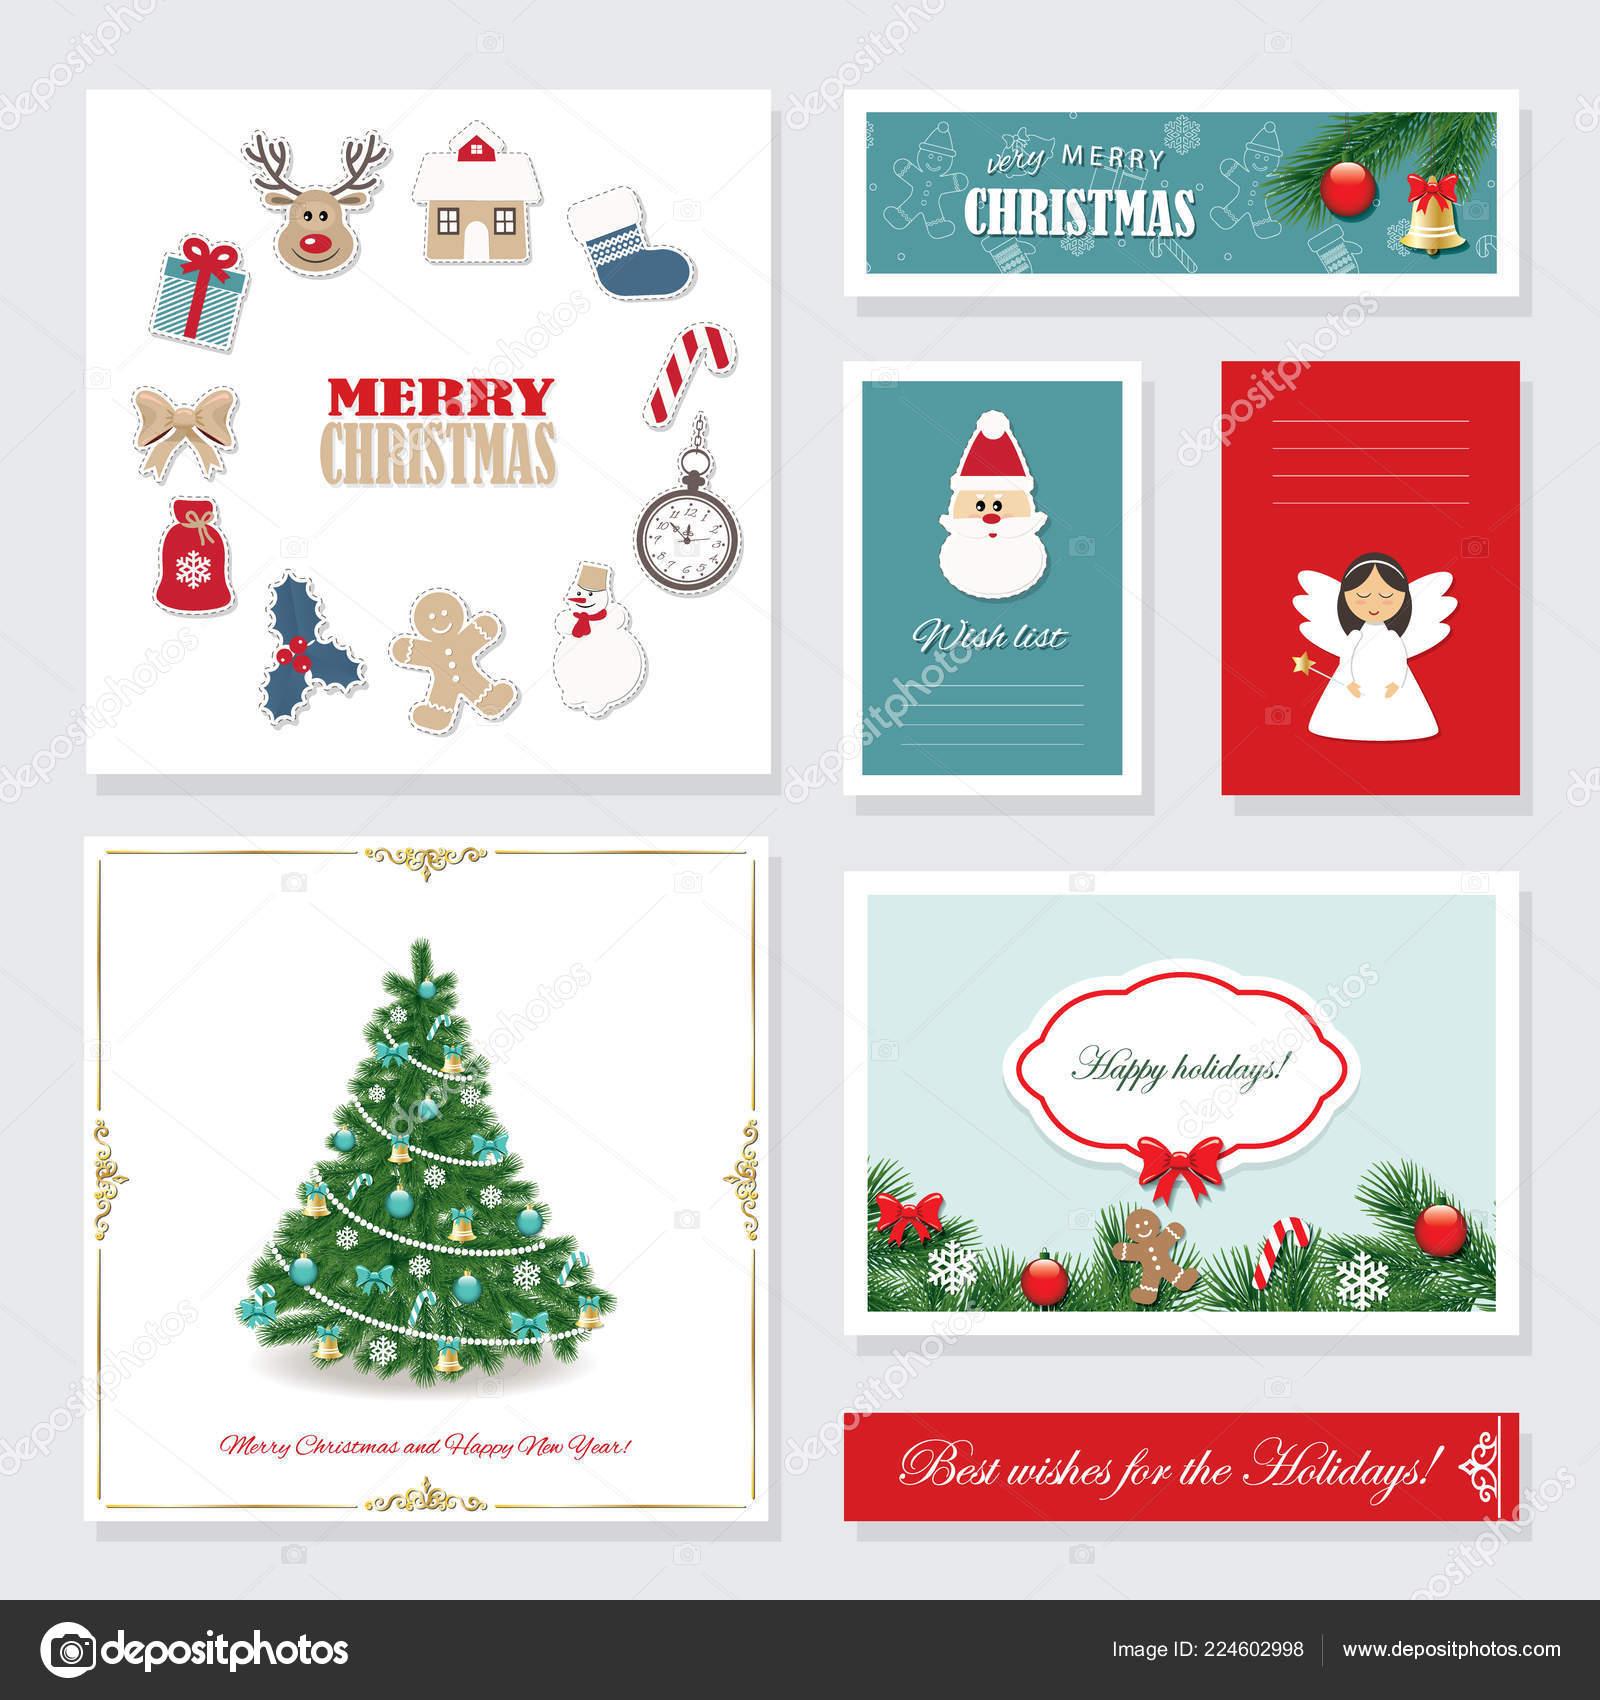 Biglietti Di Natale Modelli.Modelli Natale Impostati Biglietti Auguri Banner Wish List Etichette